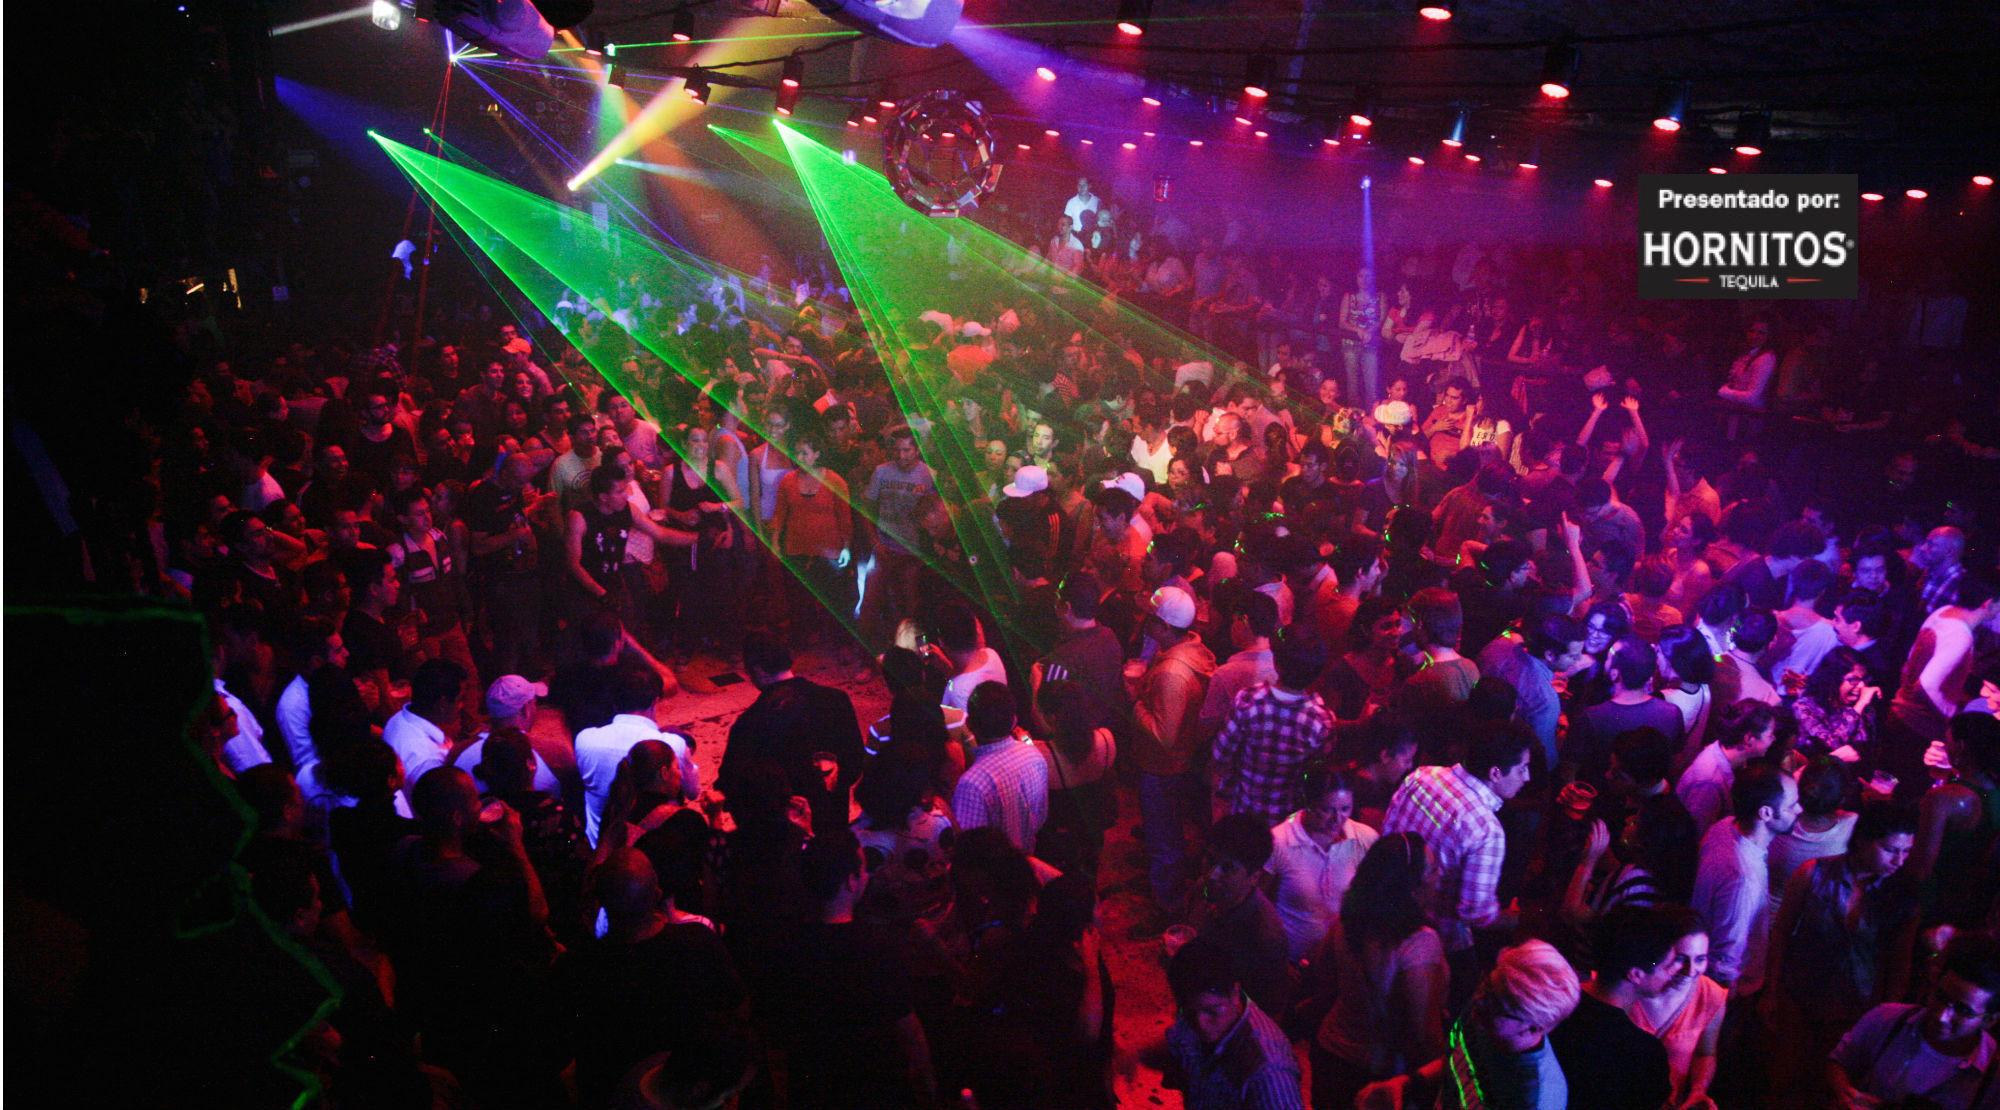 |Presentado por Tequila Hornitos| Los mejores lugares para salir a bailar